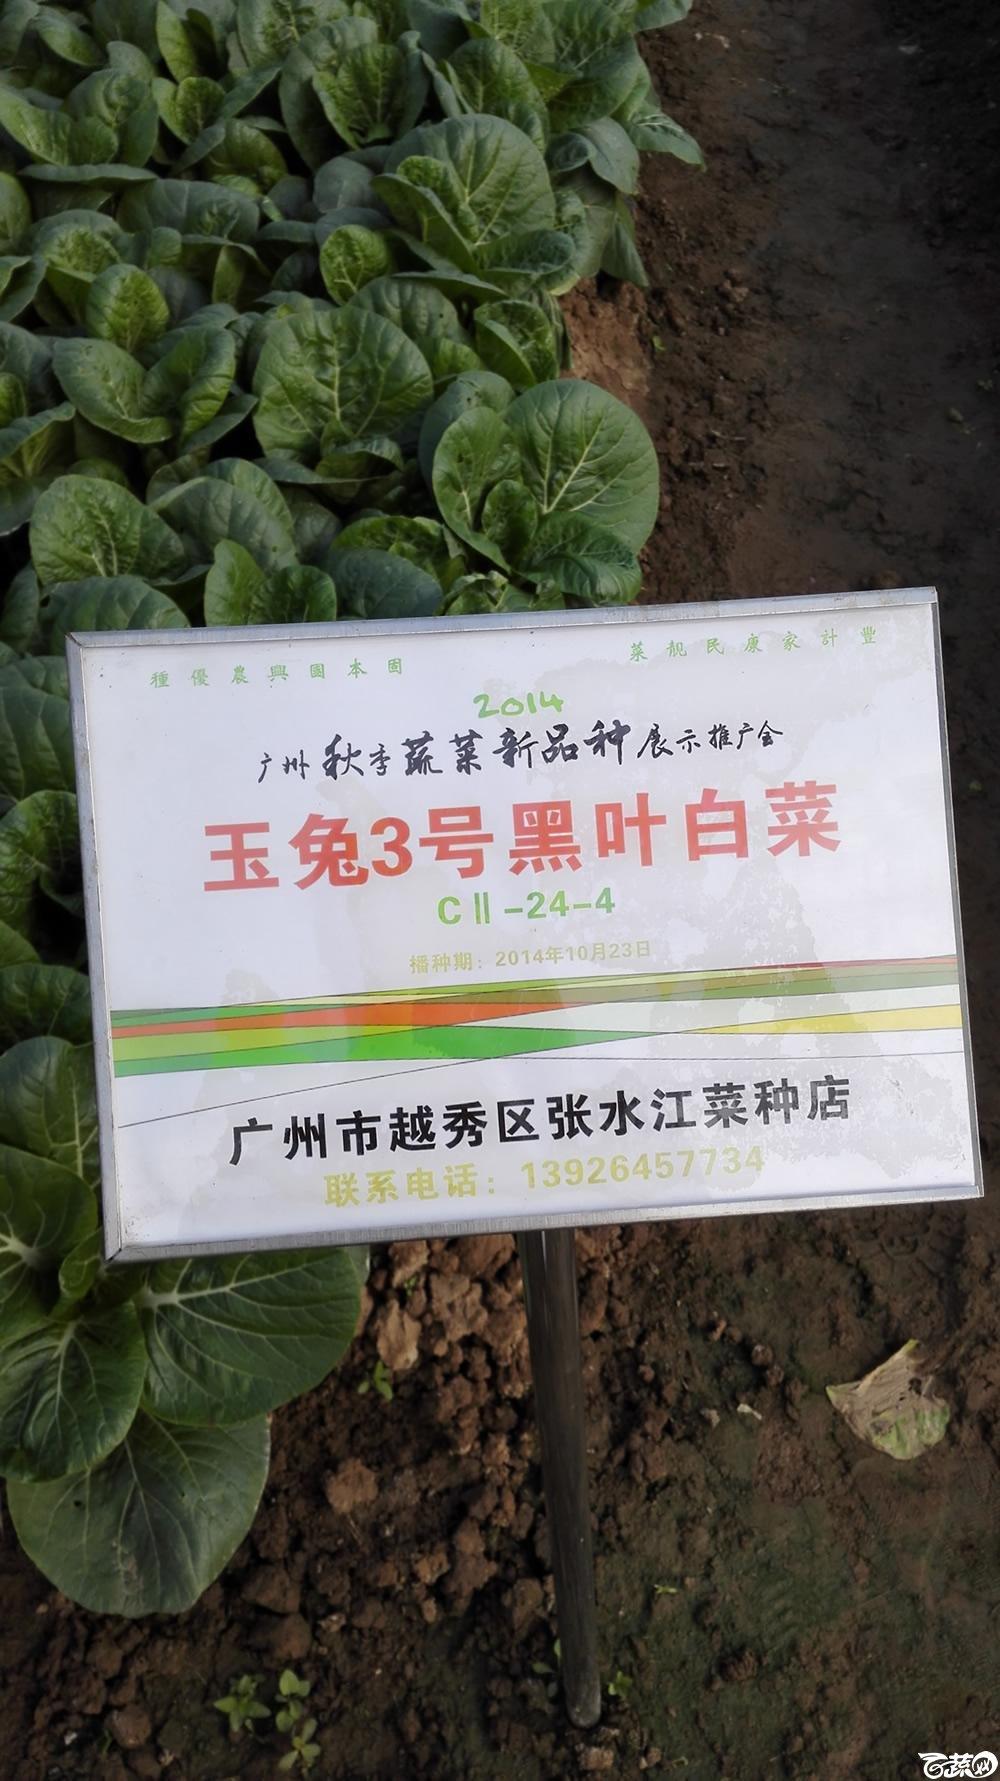 2014年12月10号广州市农科院南沙秋季蔬菜新品种展示会_叶菜_214.jpg